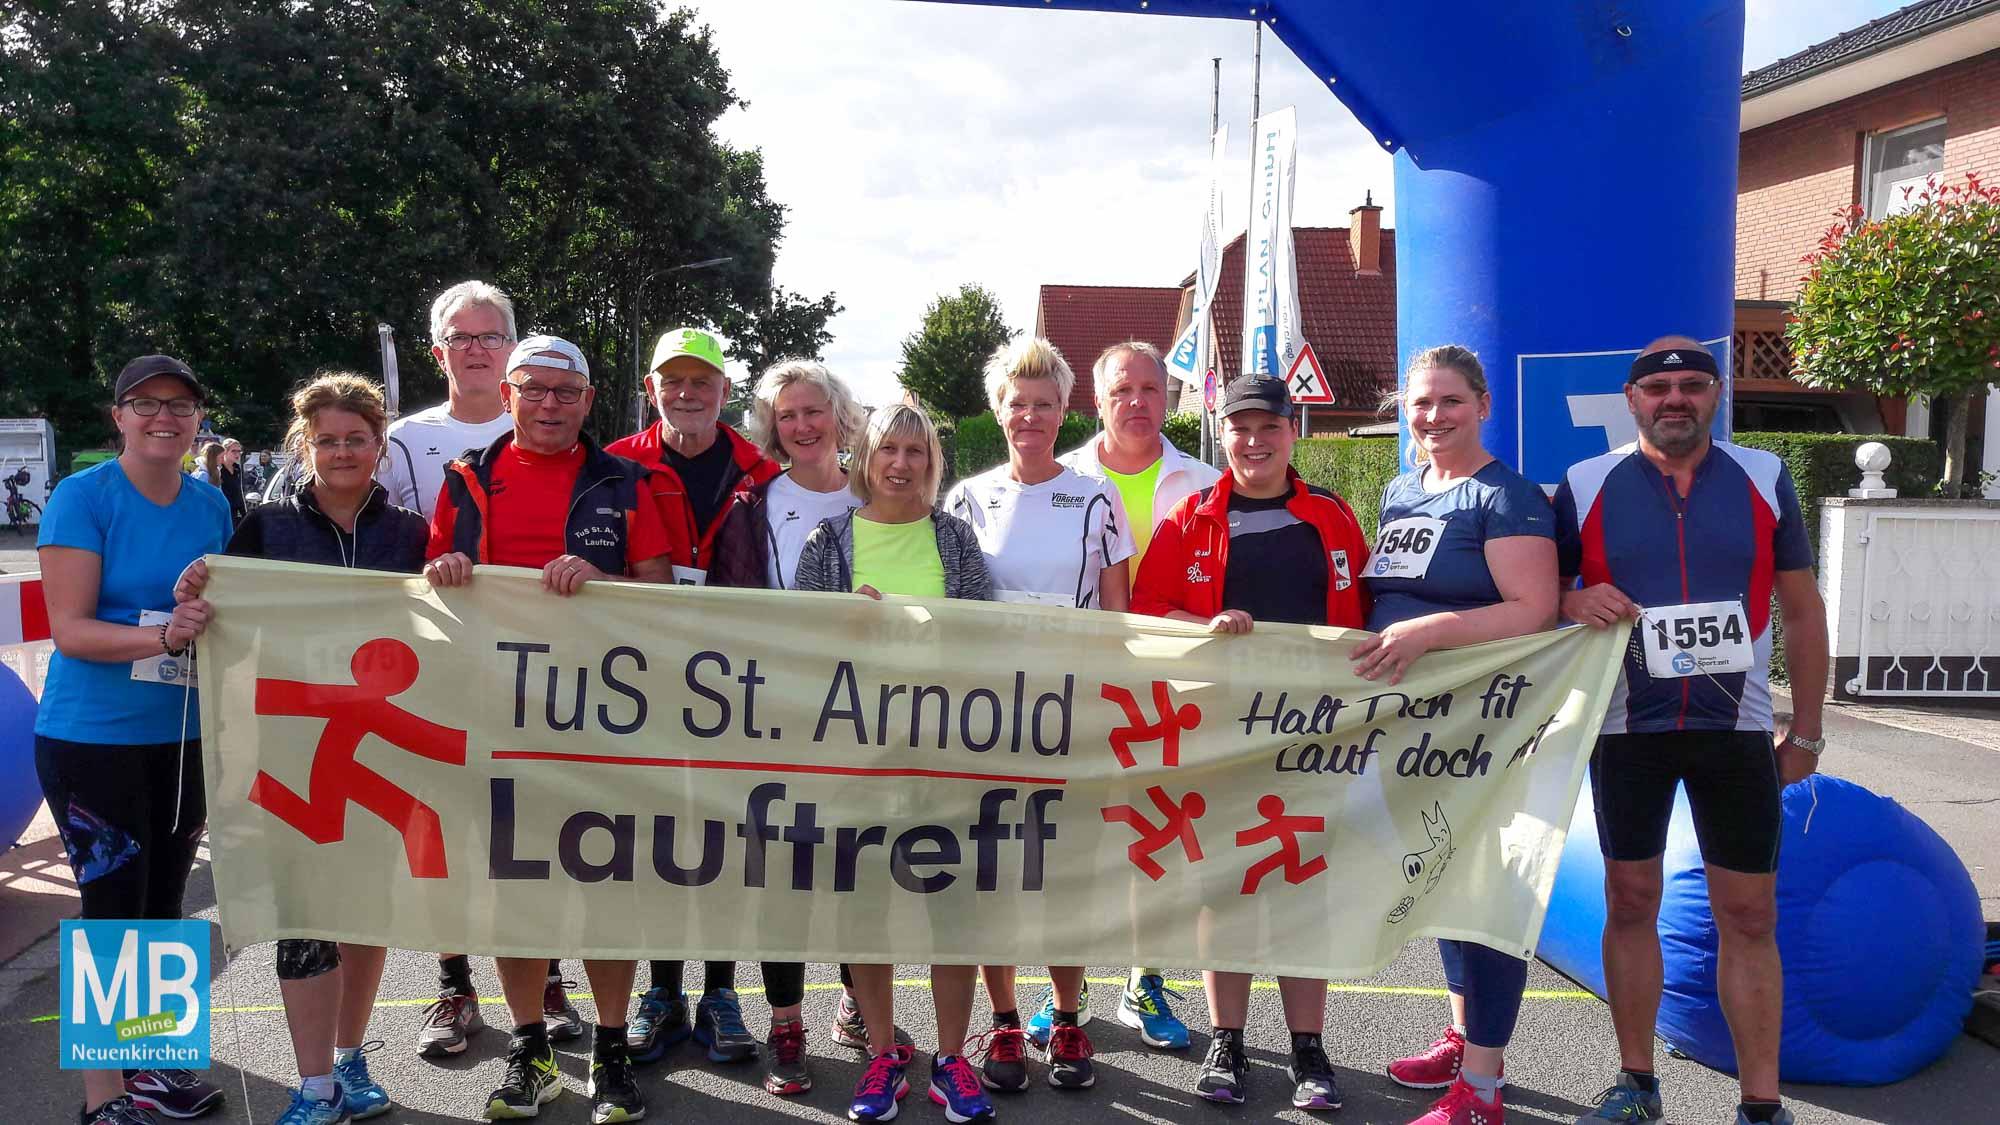 Lauftreff St. Arnold